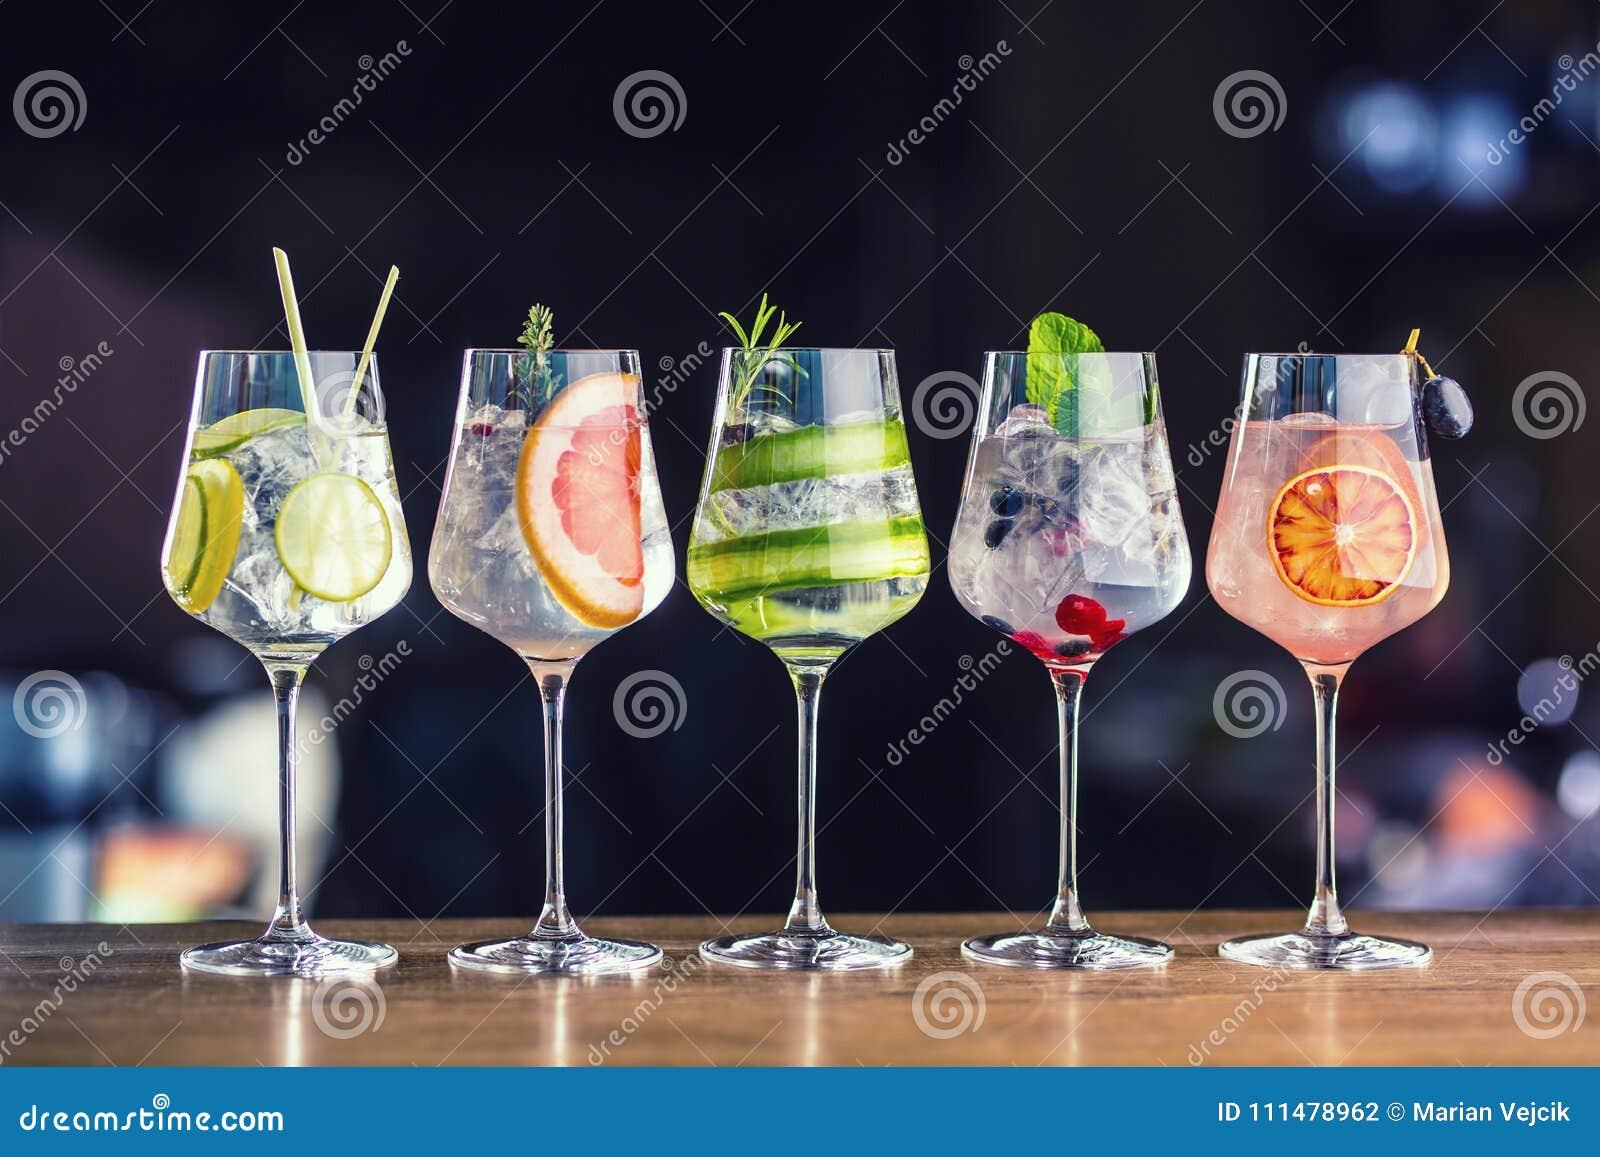 Fünf tonische Cocktails des bunten Gins in den Weingläsern auf Barzähler